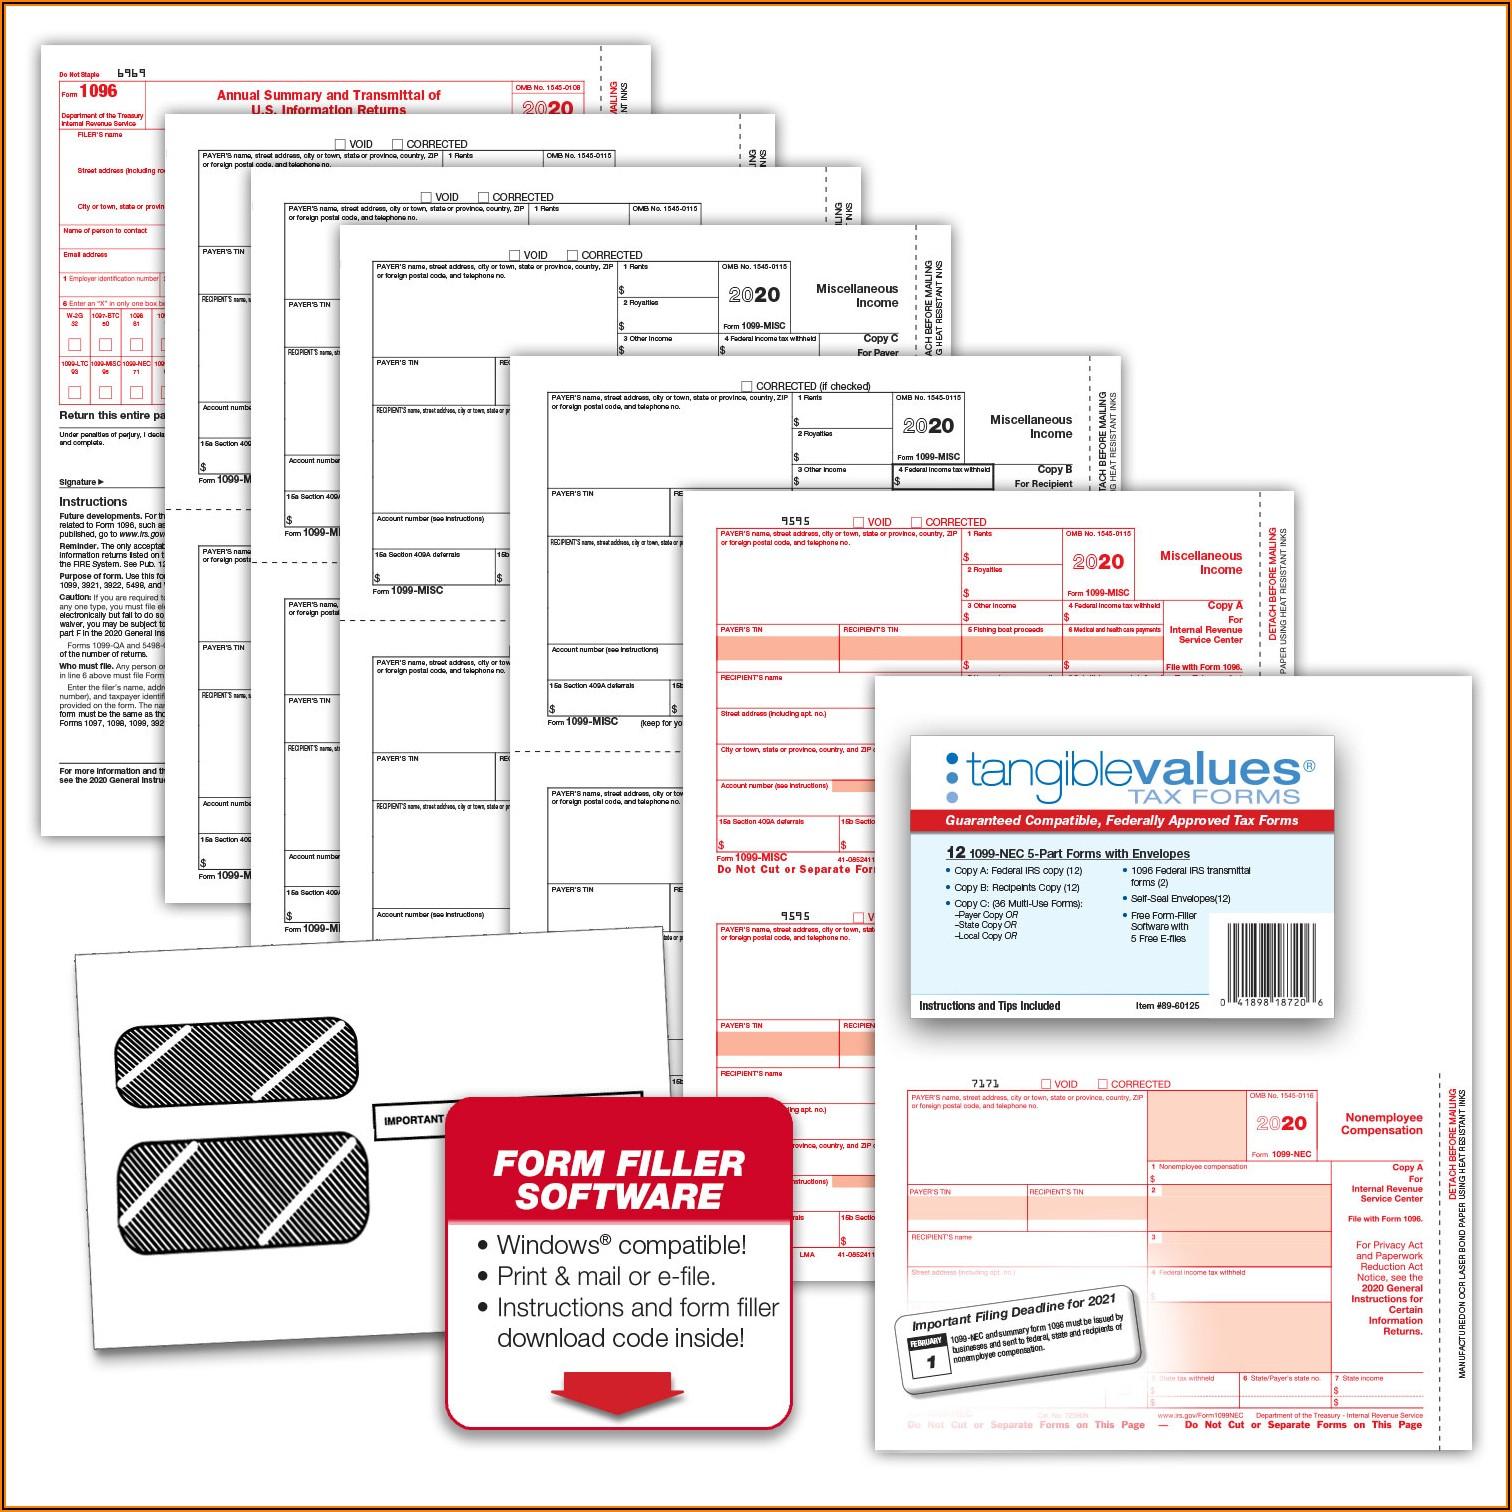 1099 Form Filler Software